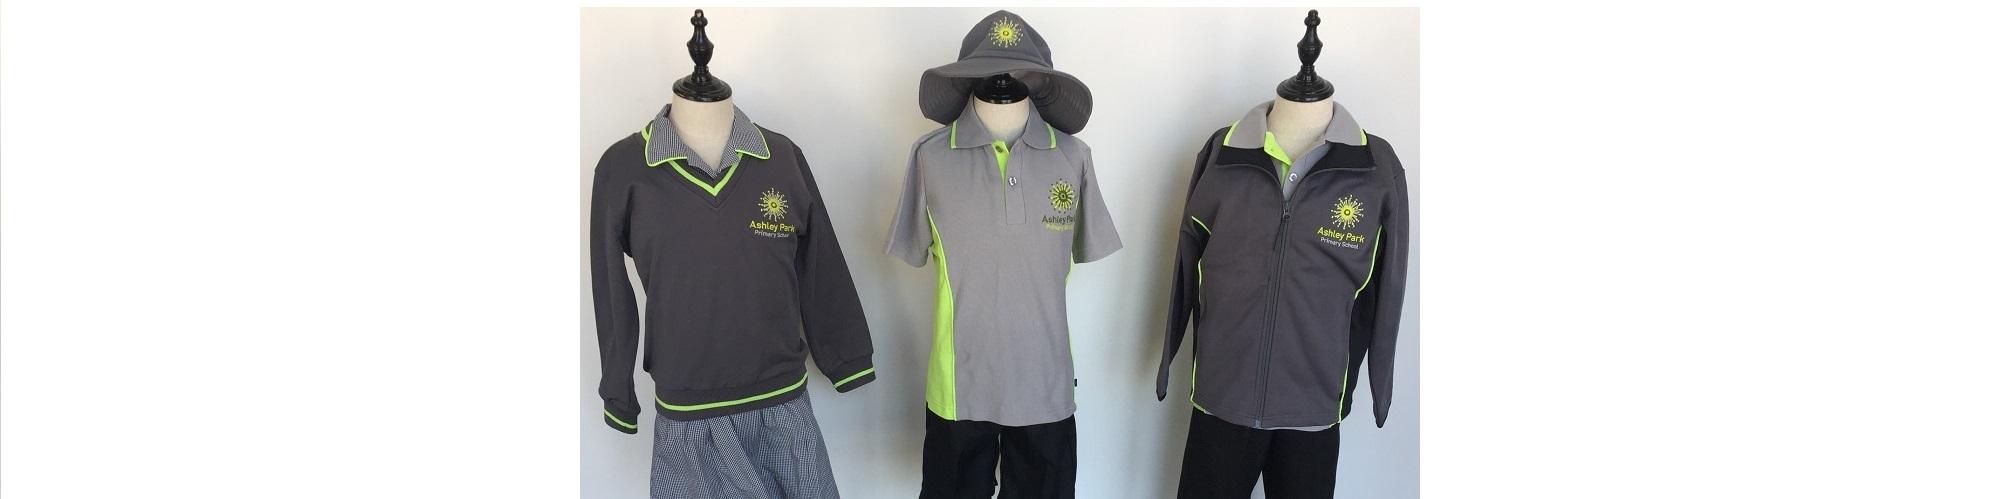 uniform_banner_Uniform_Page